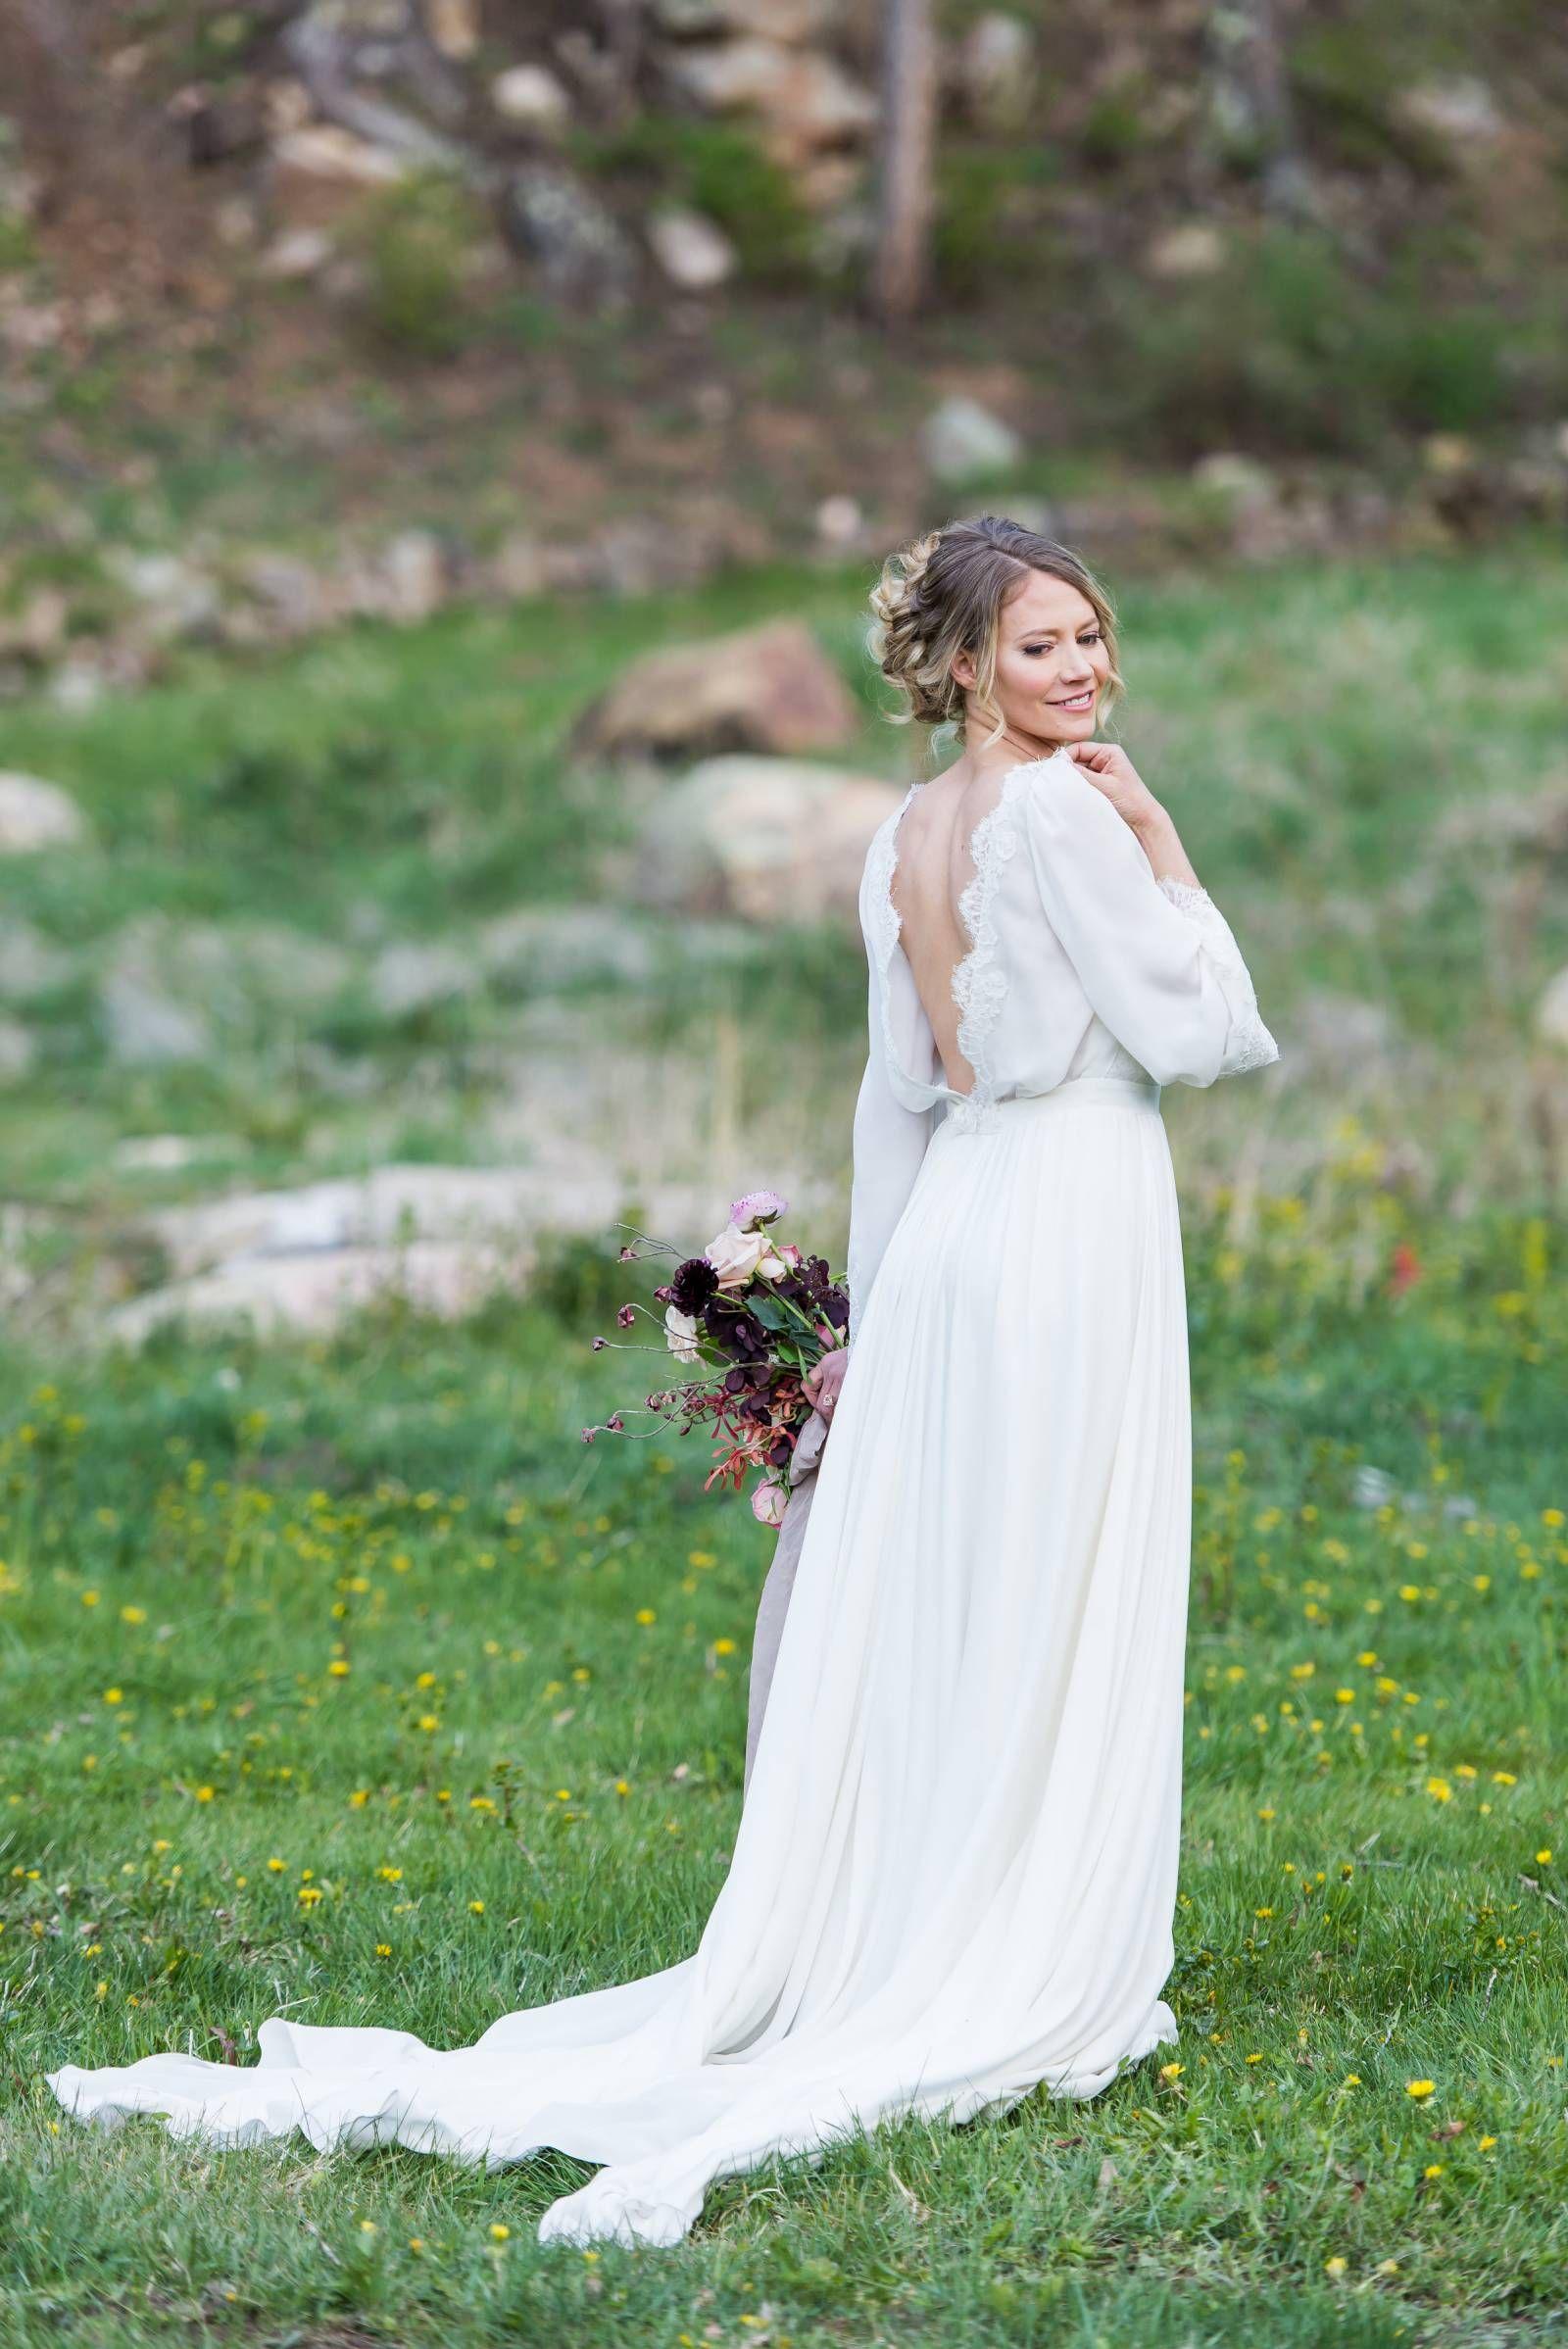 Along The River Leanne Marshall Pinterest Wedding